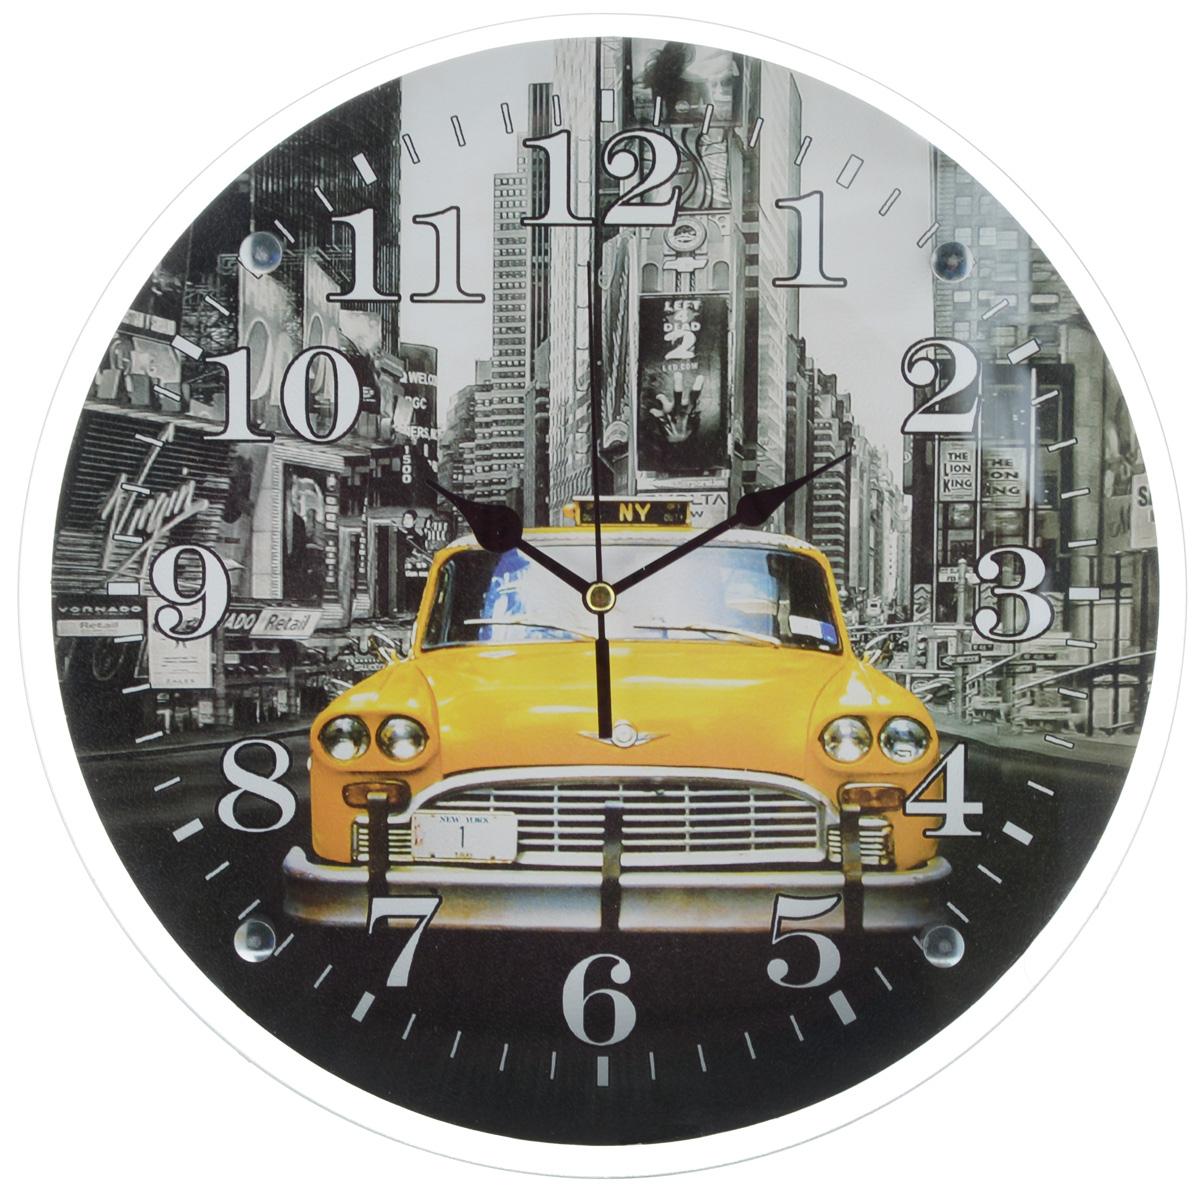 Часы настенные Proffi Home Такси, диаметр 33 смВ884Настенные кварцевые часы Proffi Home Такси, изготовленные из ДВП и стекла, прекрасно подойдут под интерьер вашего дома. Круглые часы имеют три стрелки: часовую, минутную и секундную. Часы оснащены металлической планкой для подвешивания. Диаметр часов: 33 см. Часы работают от 1 батарейки типа АА напряжением 1,5 В. Батарейка в комплект не входит.